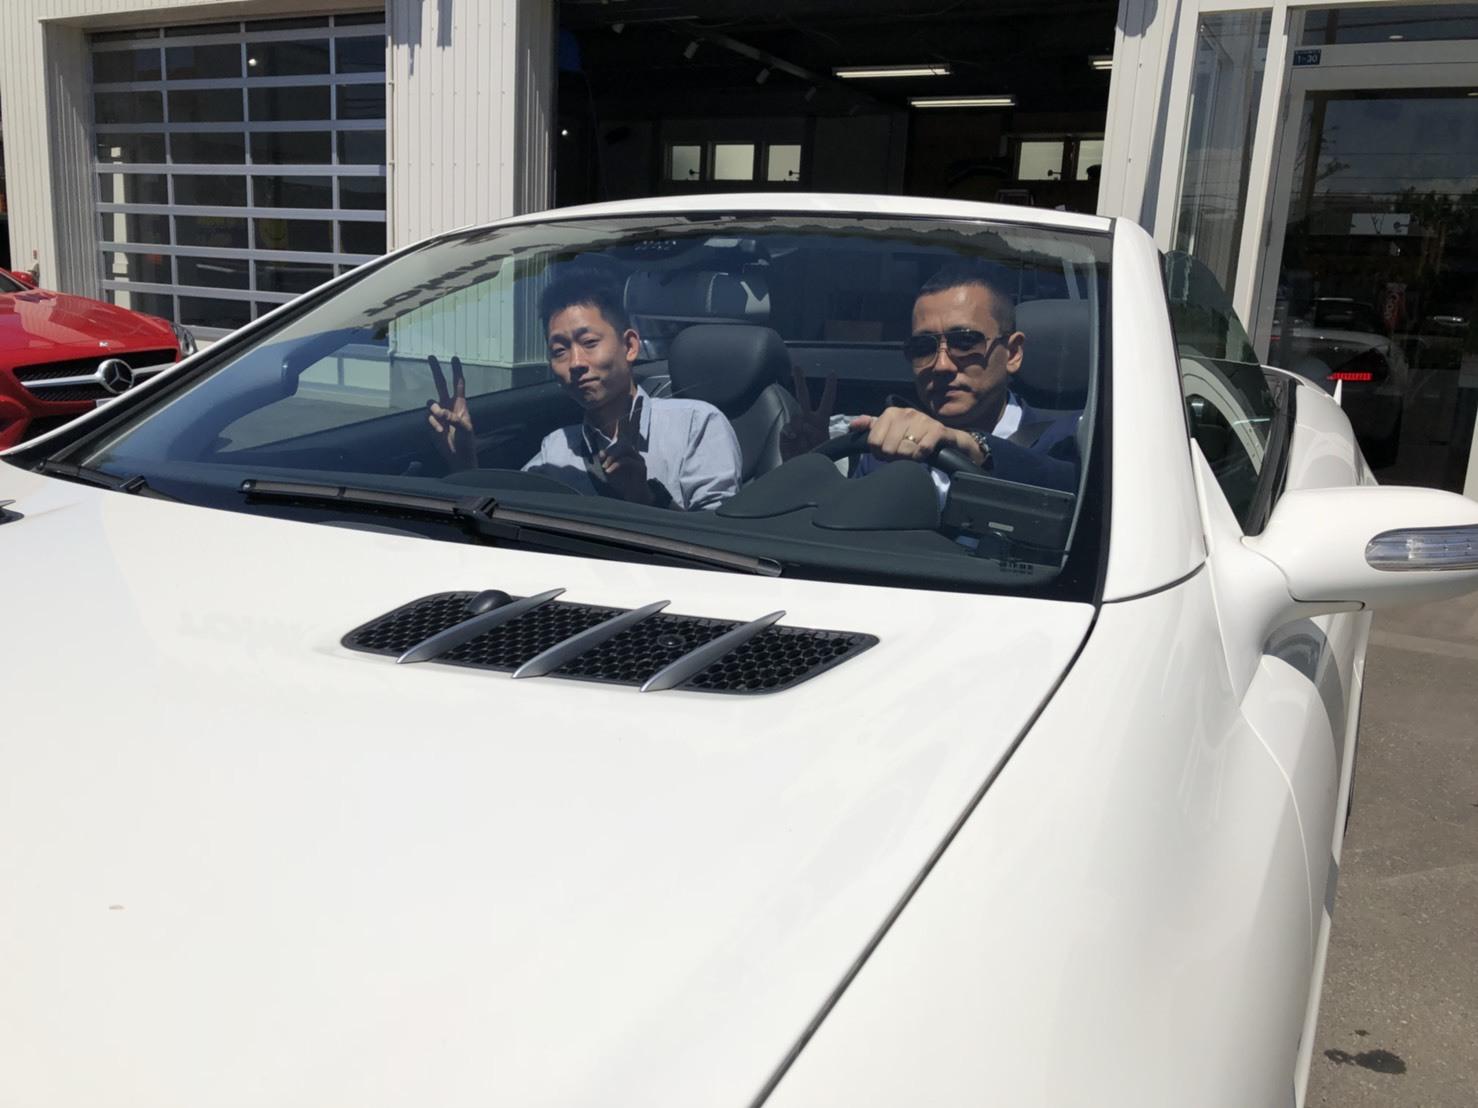 6月1日(金)トミー本店ブログ☆ 新メンバー登場!!ランドクルーザー、どんな車も!トミーモータース_b0127002_19421841.jpg